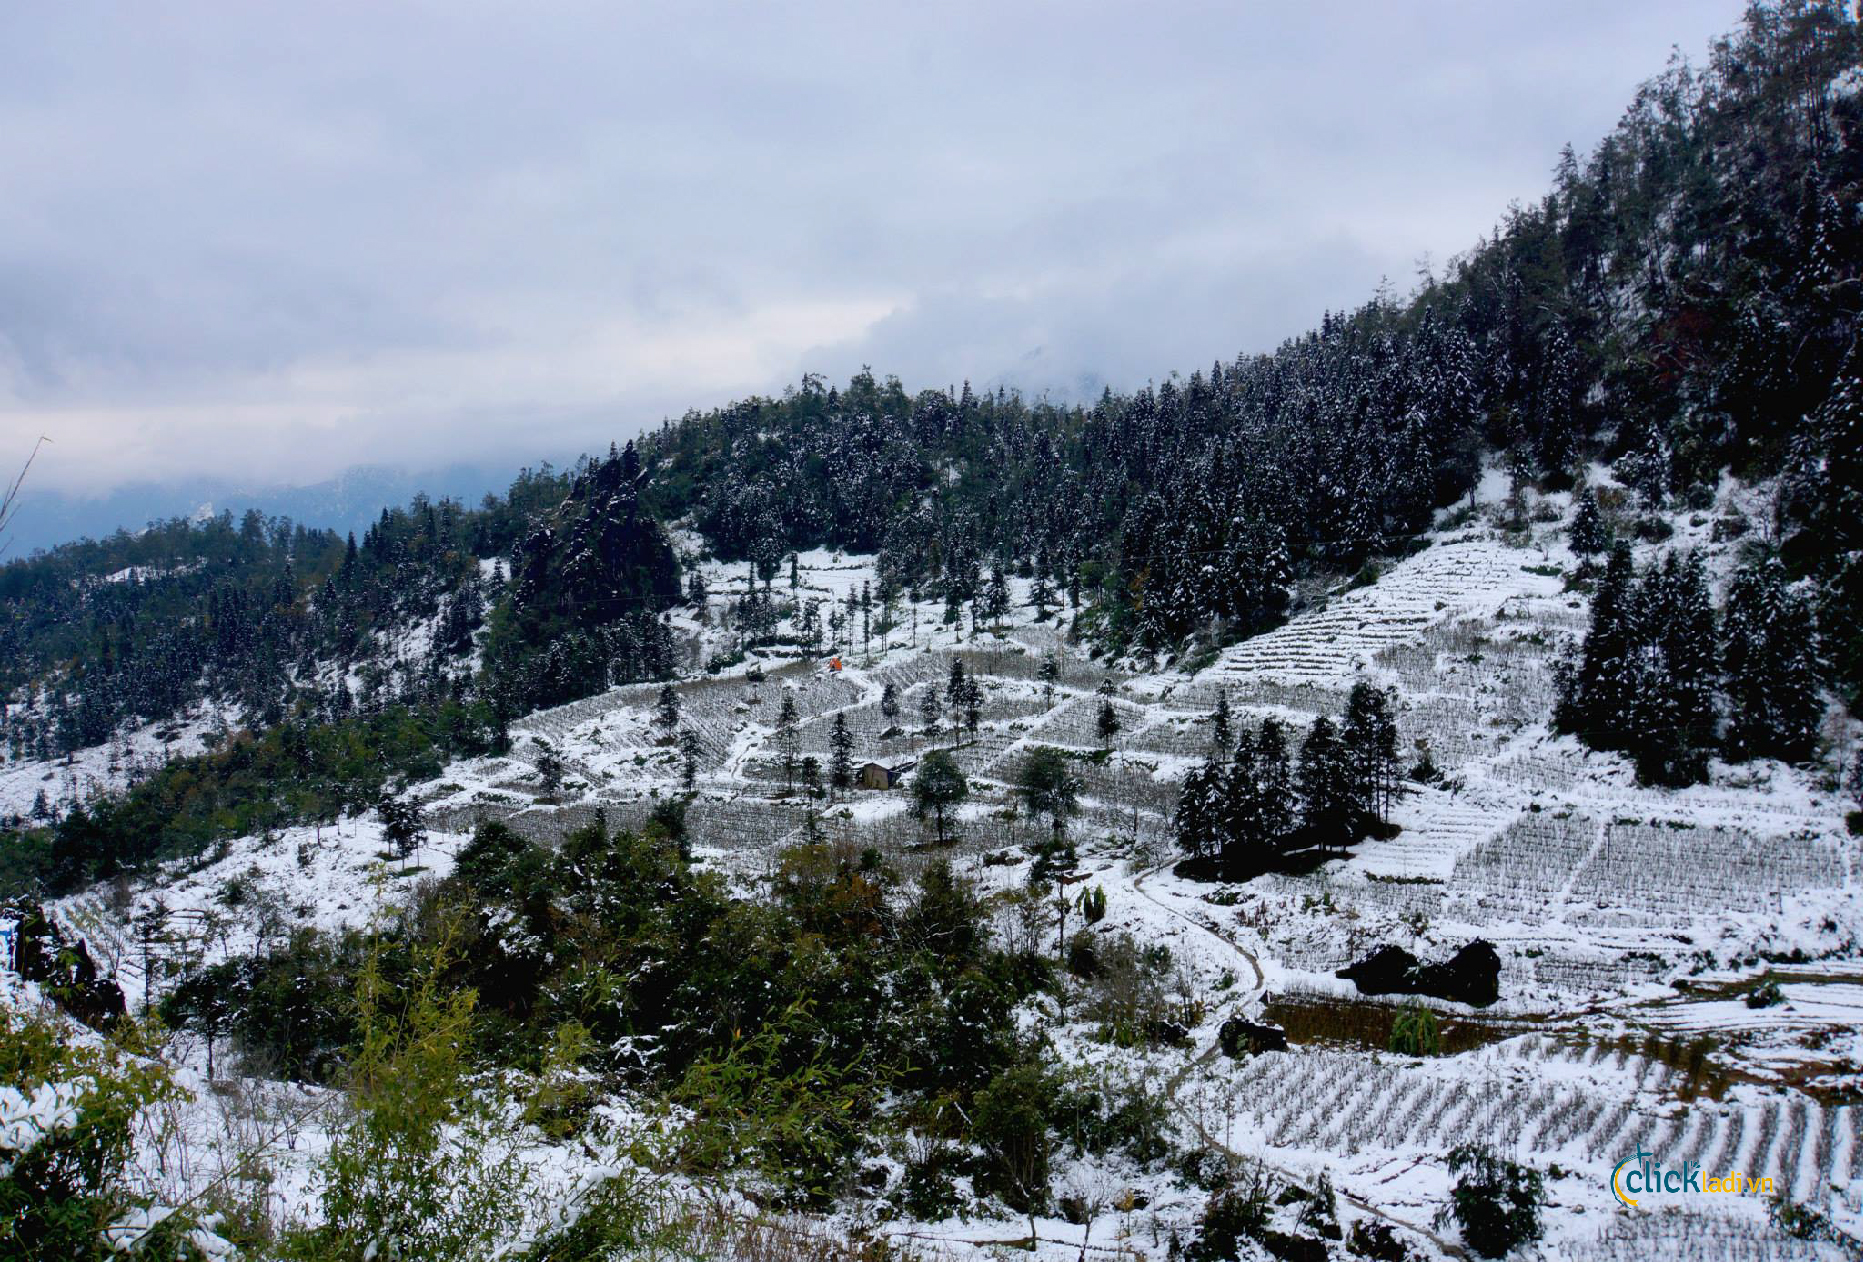 Hình ảnh vùng đất tuyết phủ cực đẹp